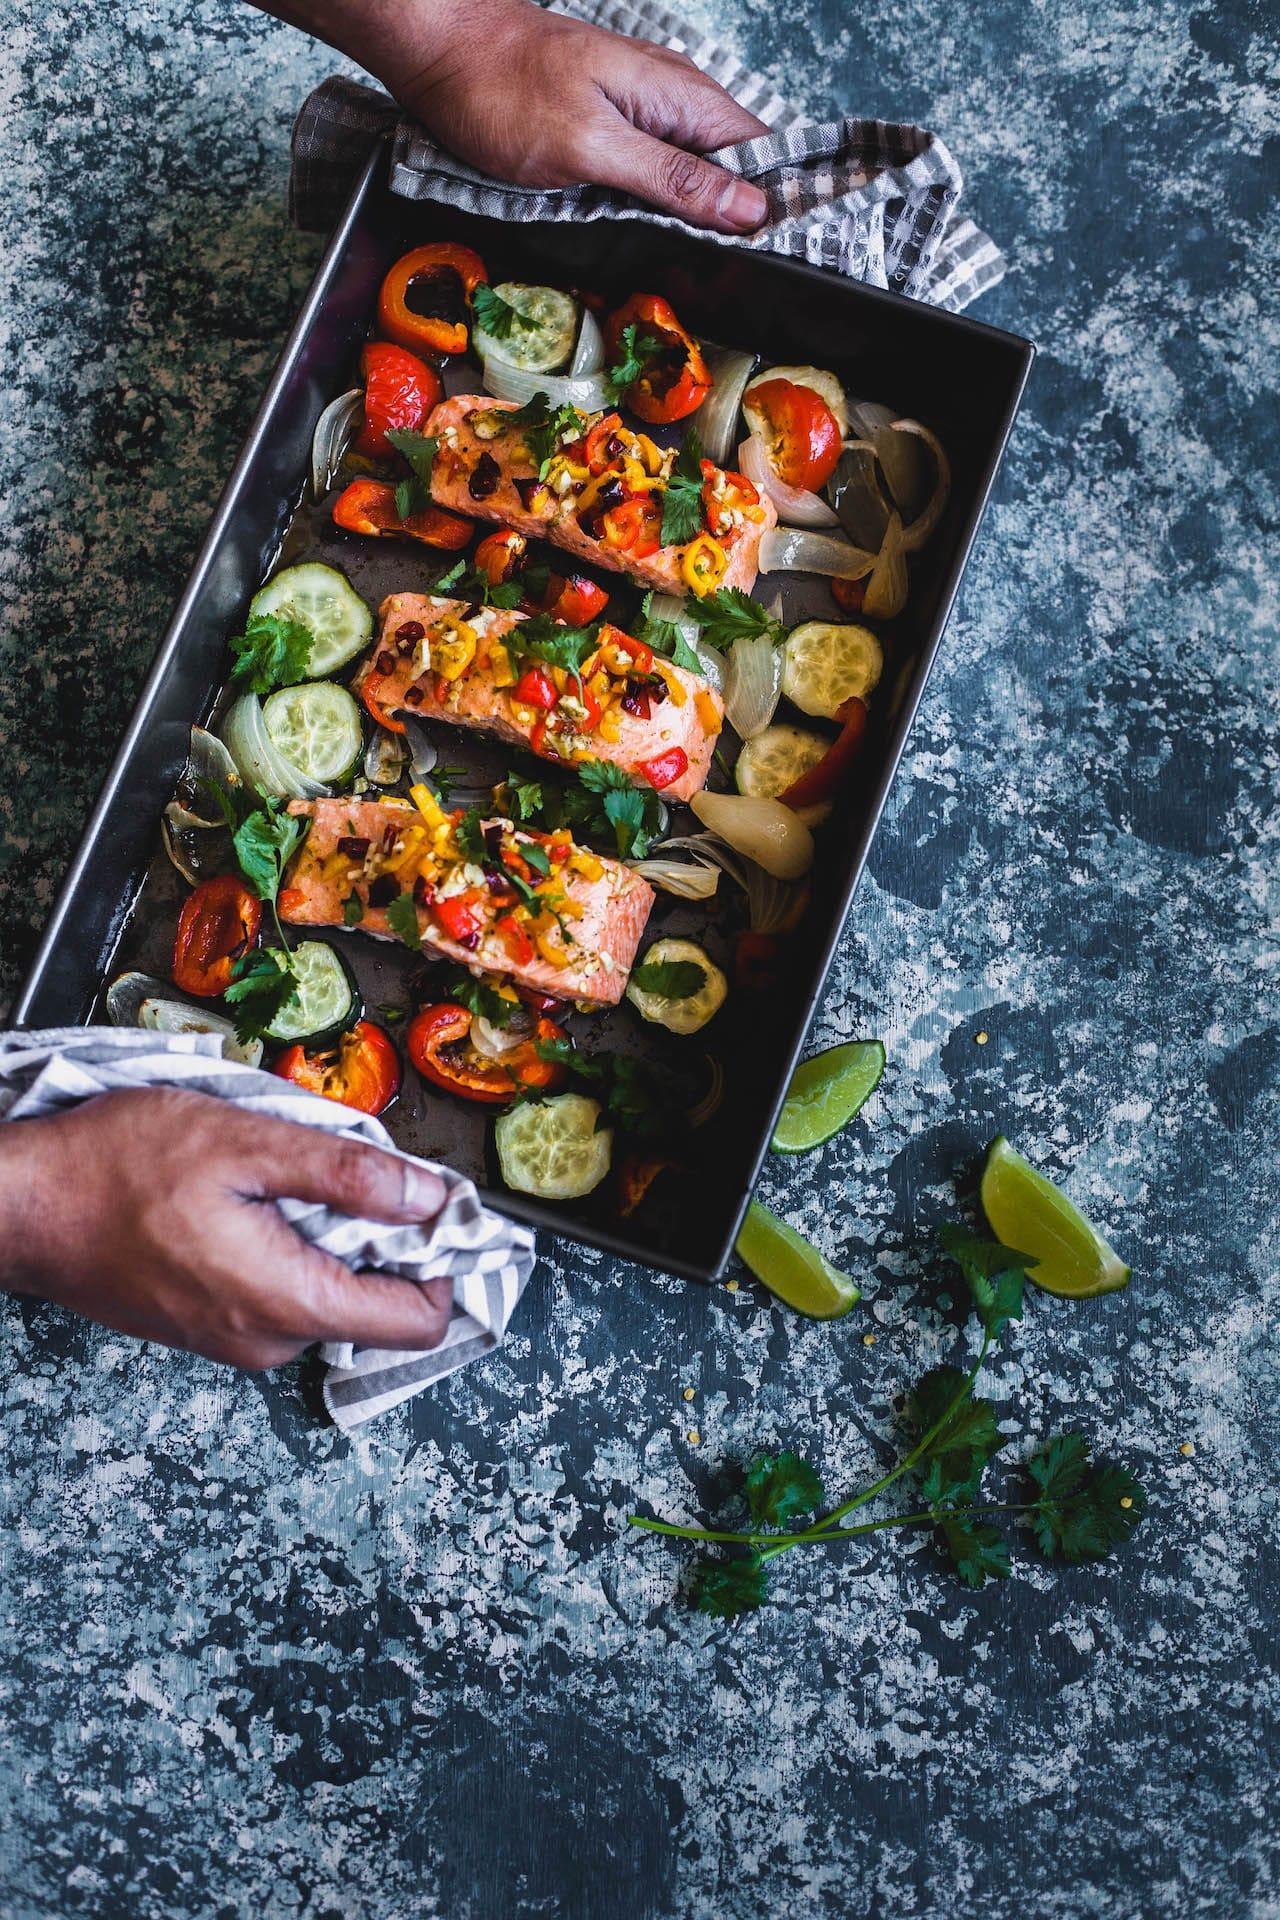 chili lime baked salmon 04 1